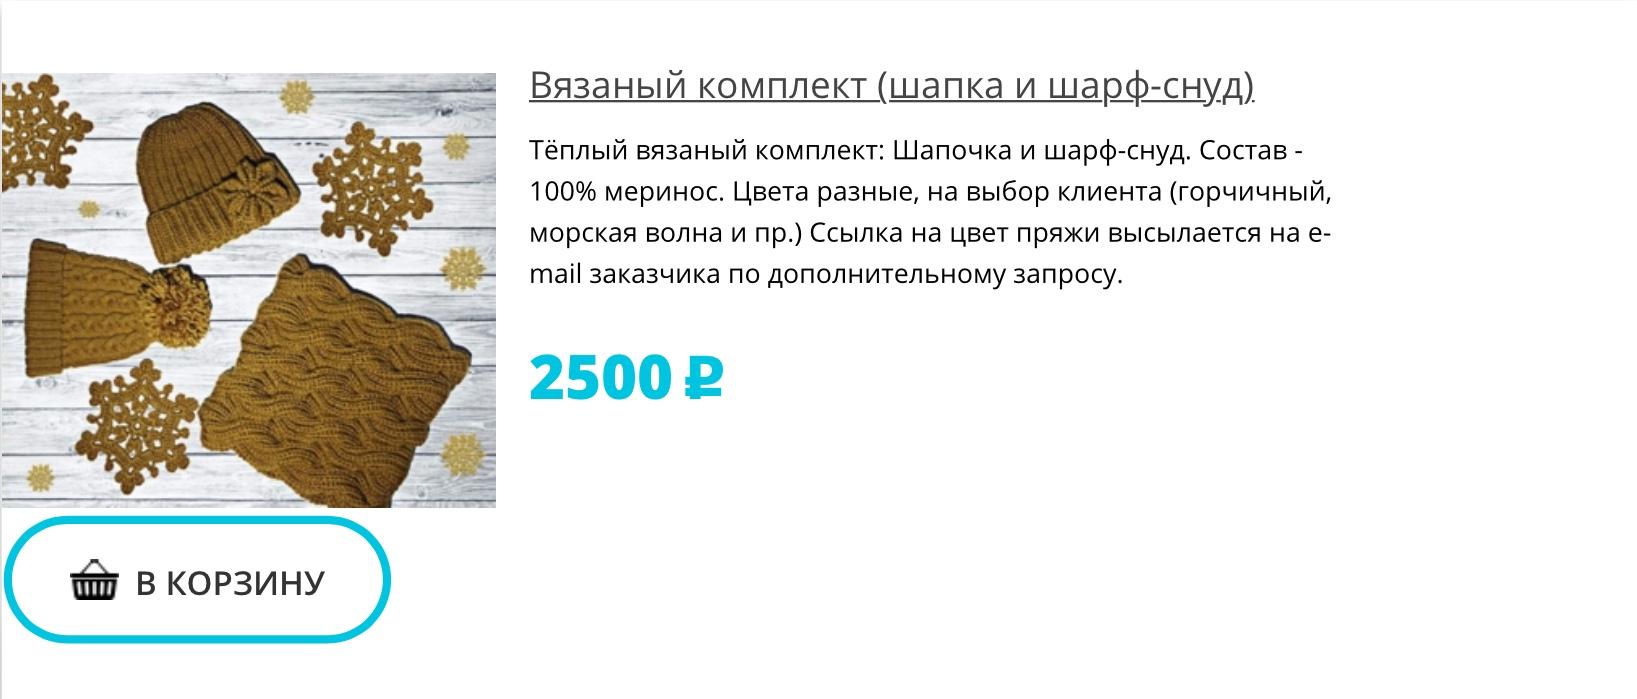 B0664080-F5CD-4EED-BDB9-650B960A6DF2.jpeg